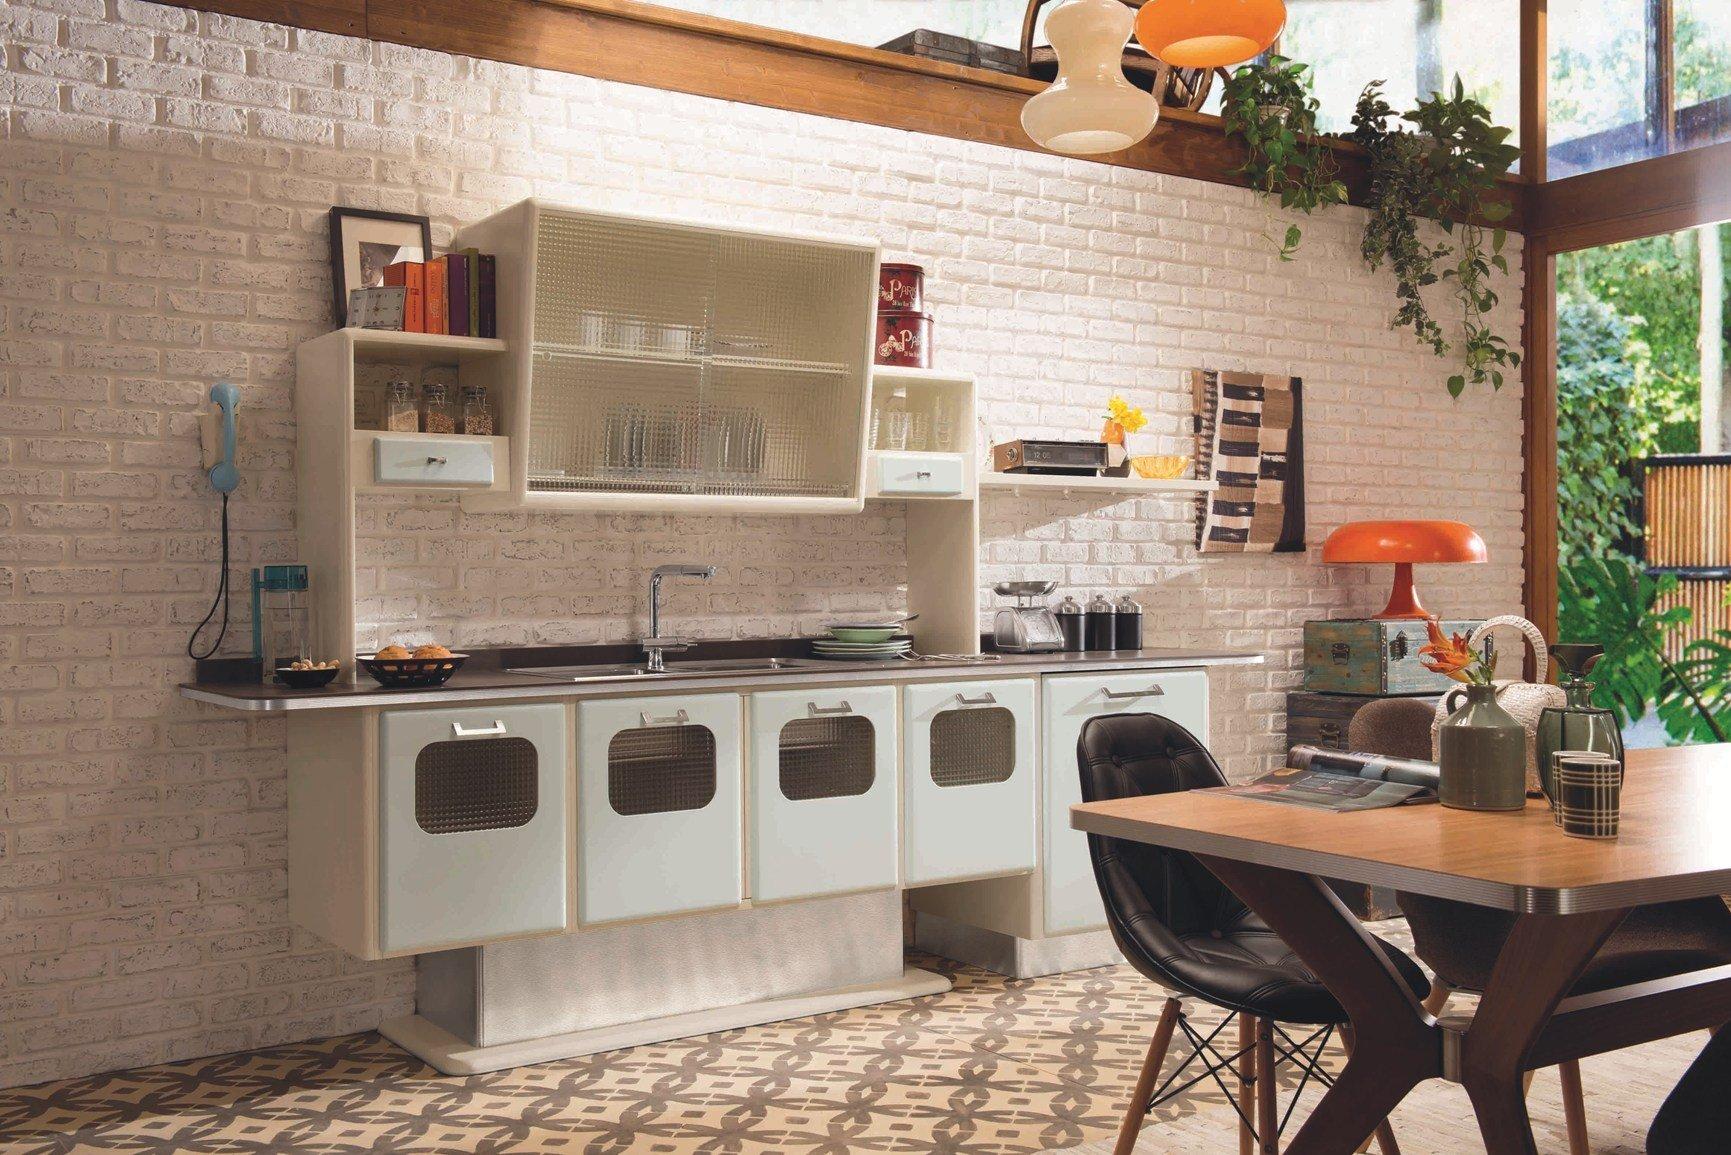 Marchi cucine presenta il nuovo modello st louis a eurocucina - Marchi di cucine ...